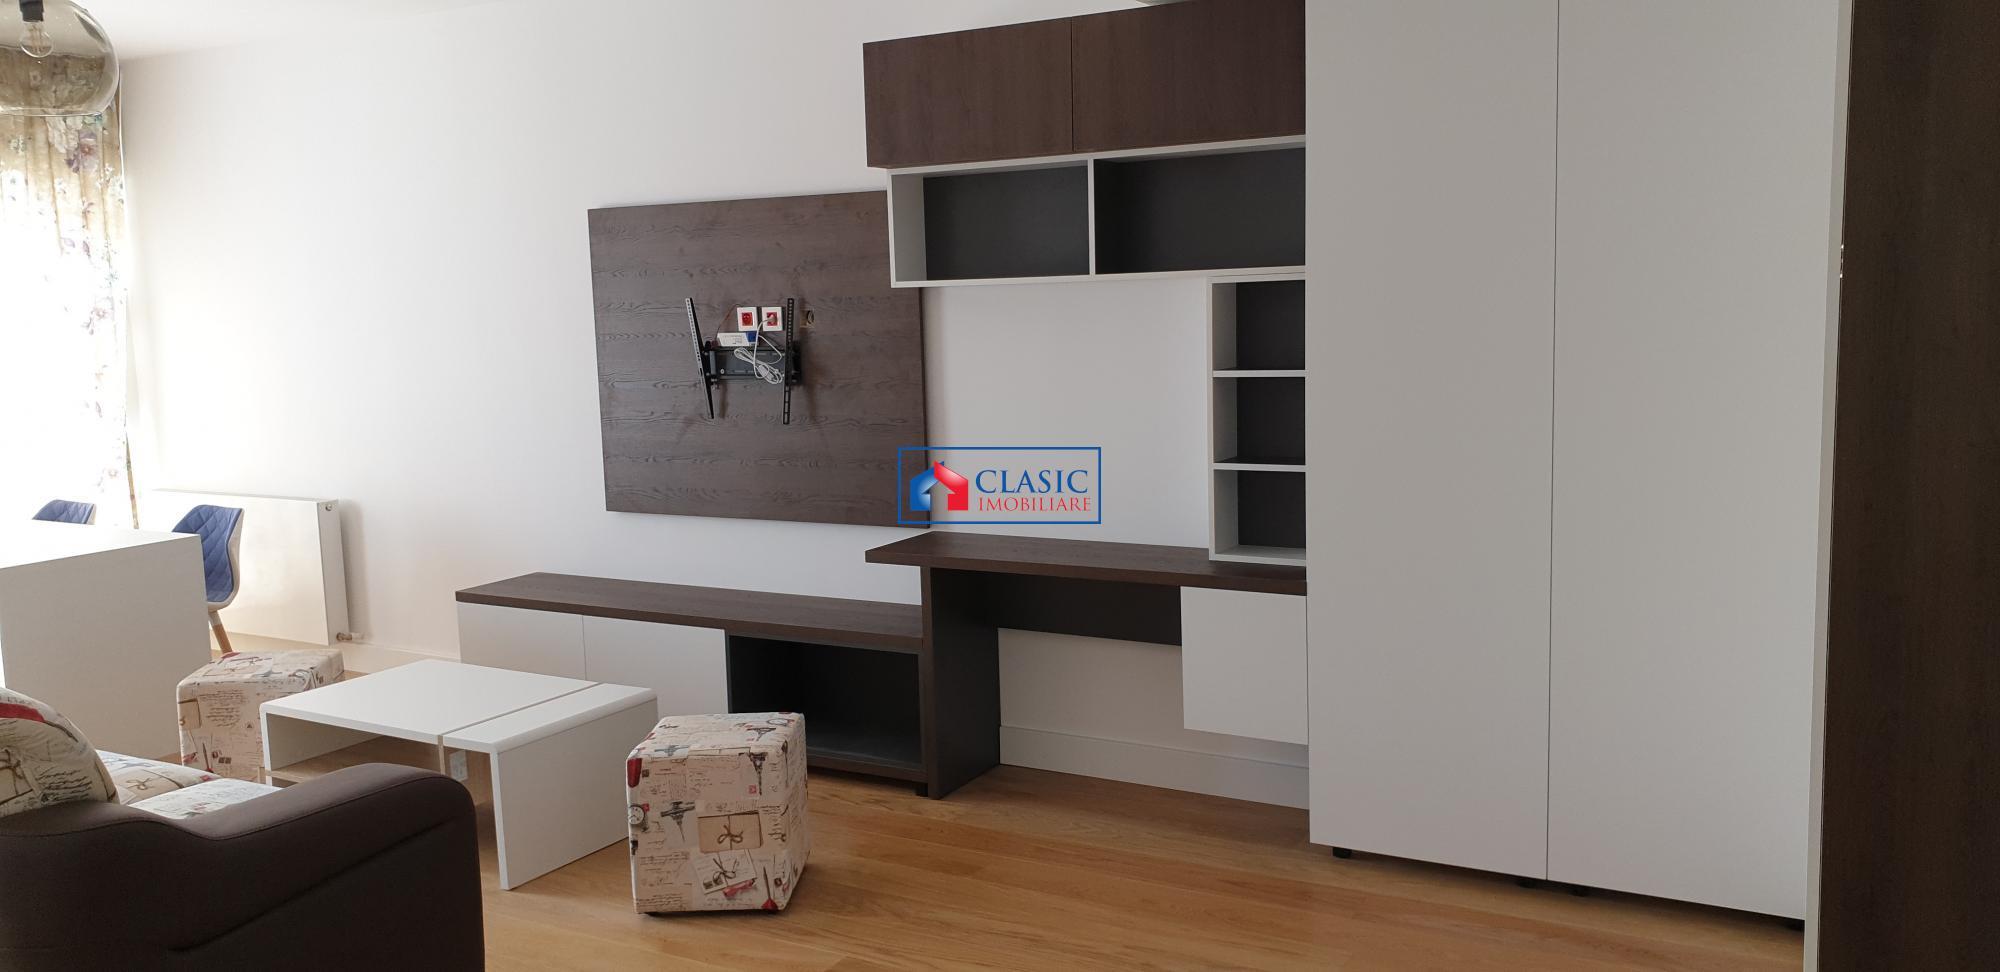 Inchiriere apartament 2 camere modern in Marasti  str Fabricii